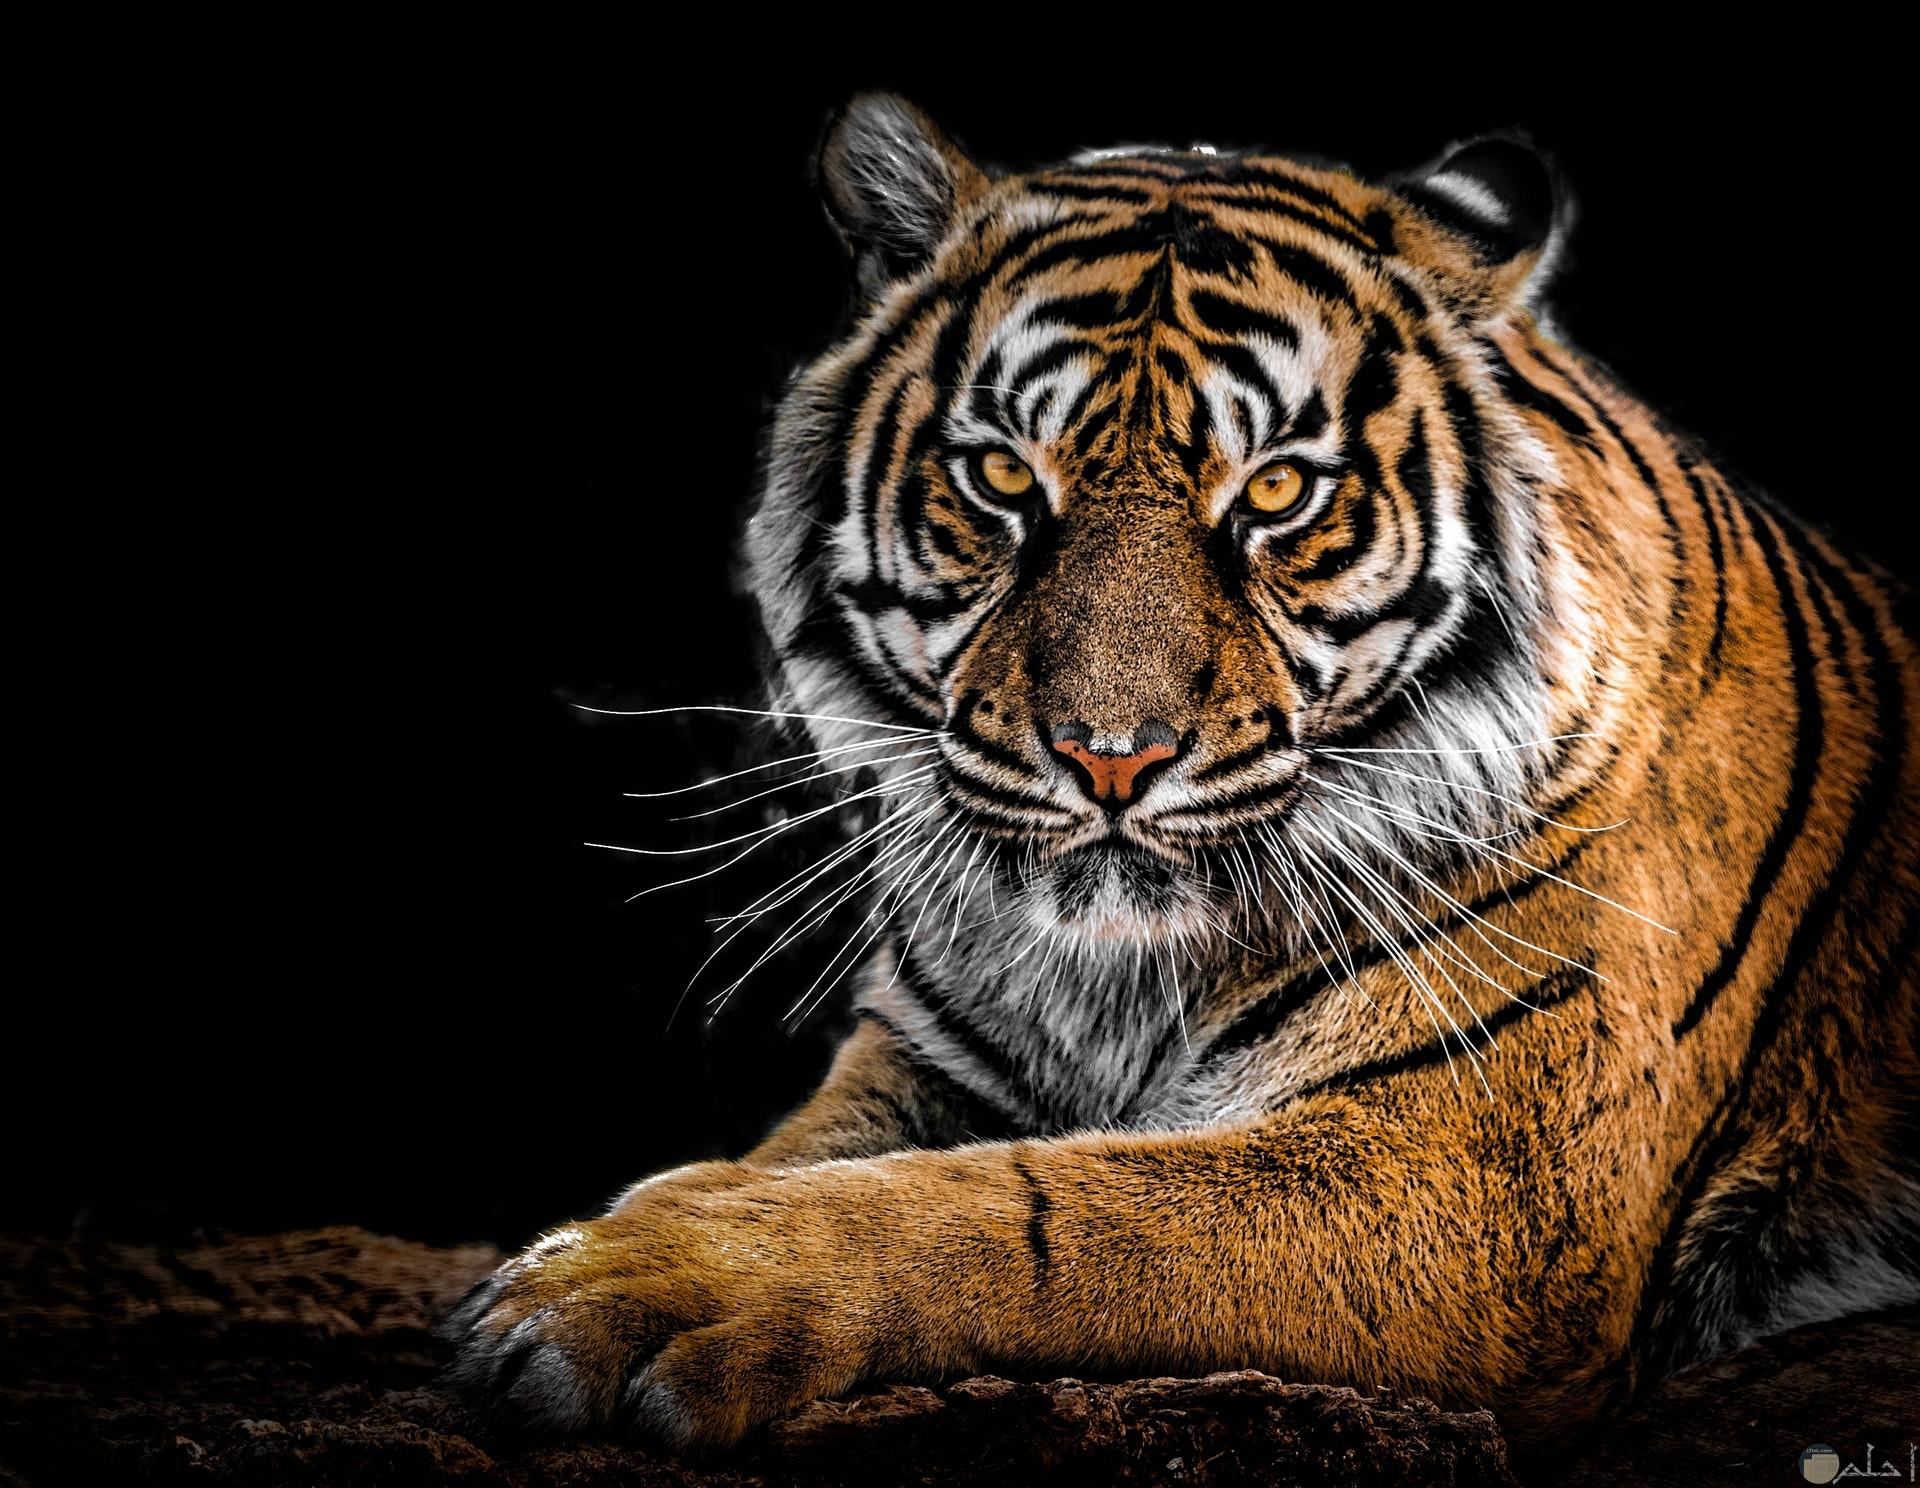 صورة مميزة لحيوان النمر بنظرة قوية منه وقاسية